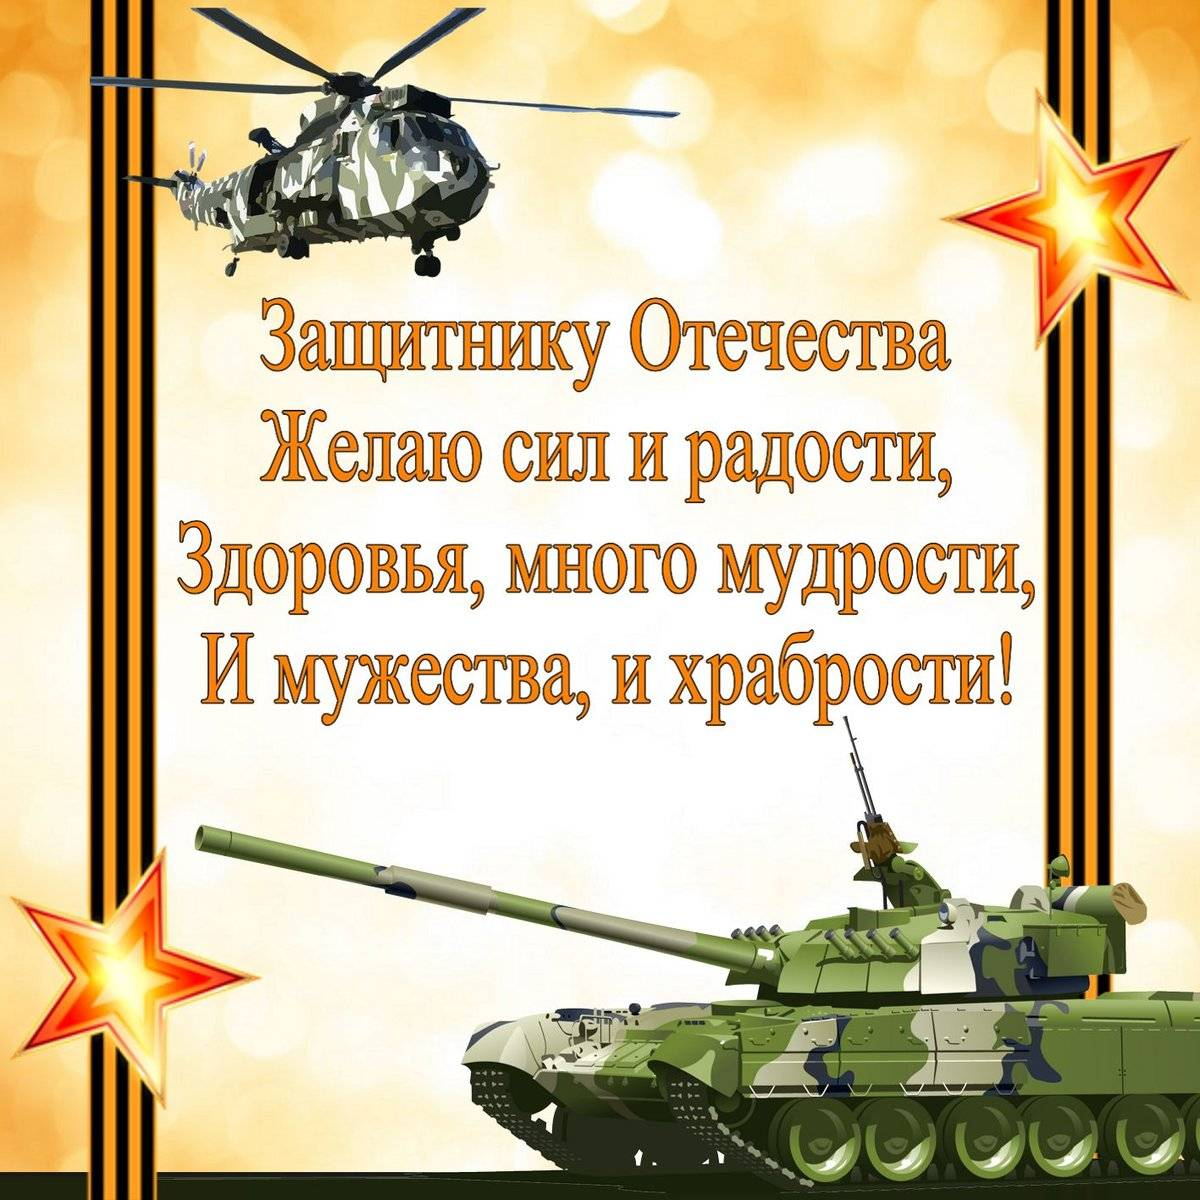 День защитника отечества – прикольные поздравления на 23 февраля